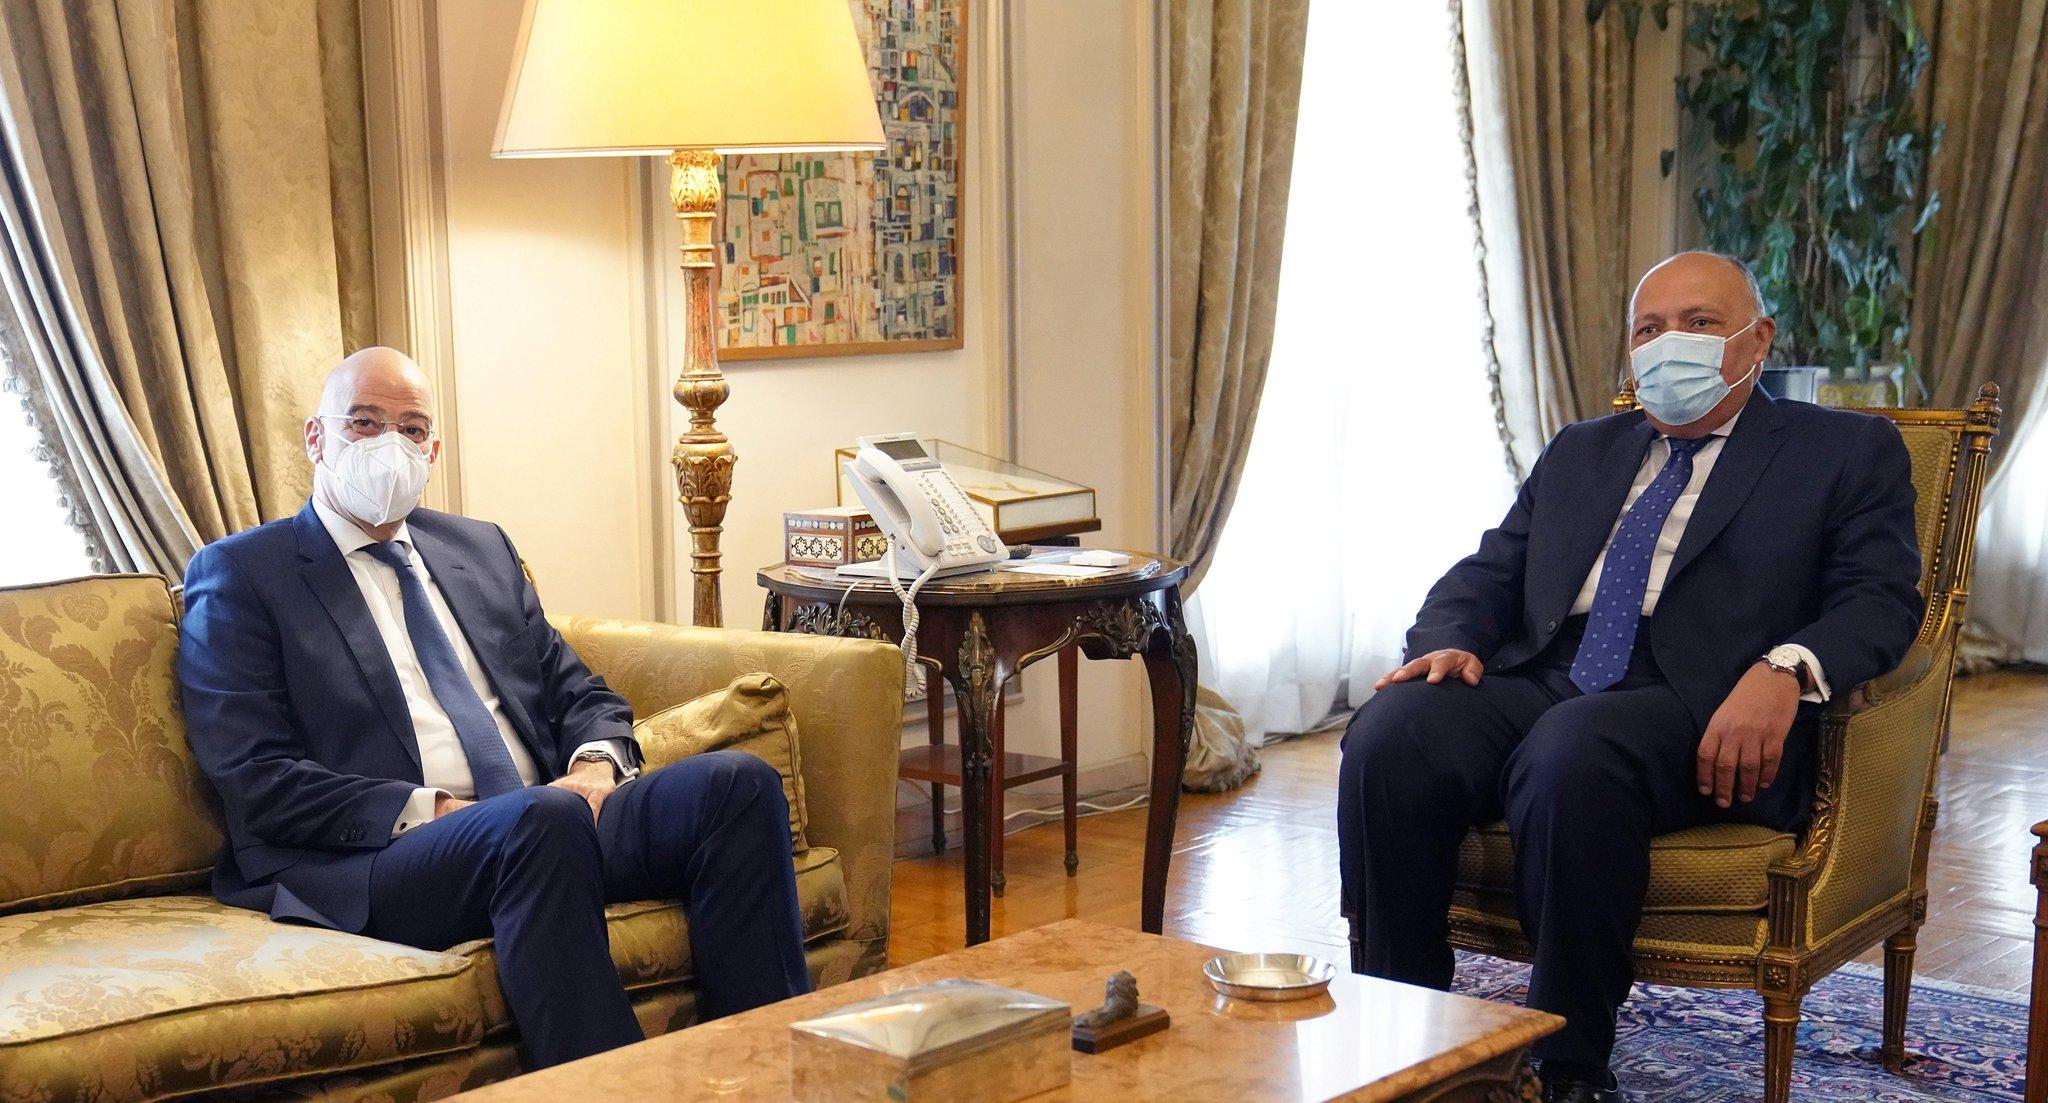 Συνάντηση Δένδια – Σούκρι στο Κάιρο: Δεν υπάρχει συζήτηση για οριοθέτηση ΑΟΖ μεταξύ Αιγύπτου και Τουρκίας